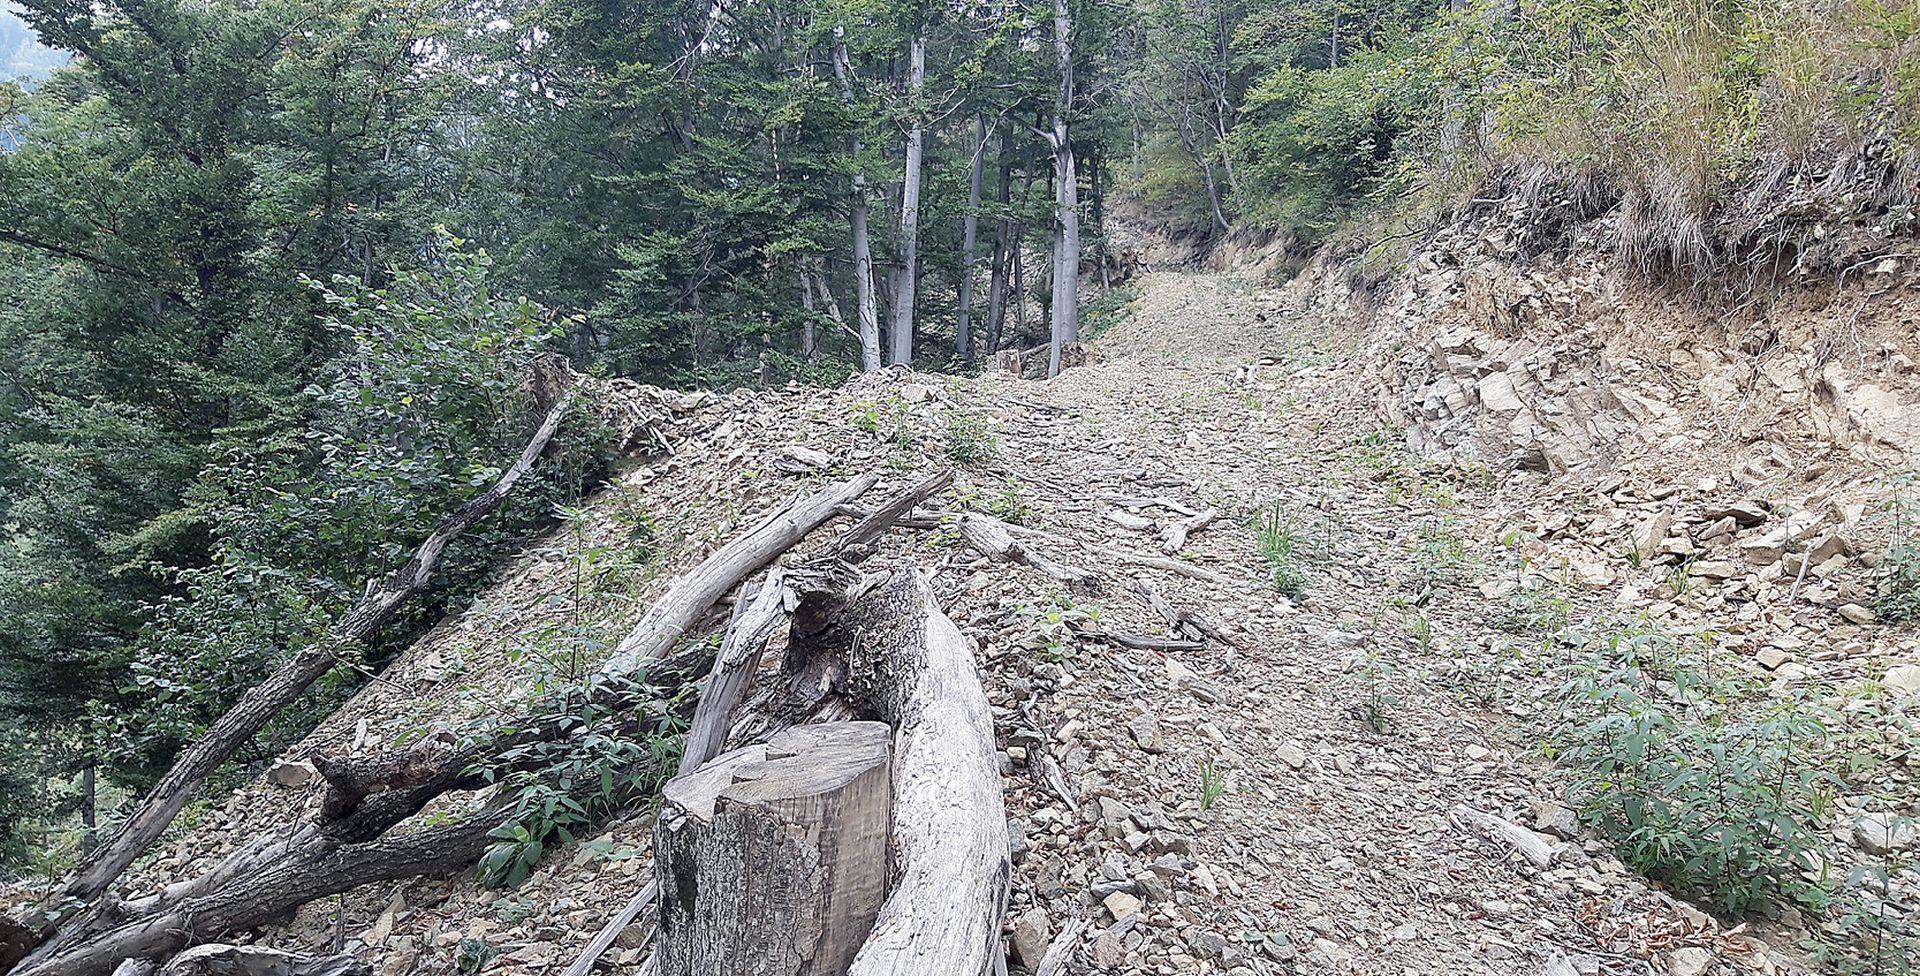 Ćorić odobrio Bandiću daljnju devastaciju šume na zaštićenom području Medvednice